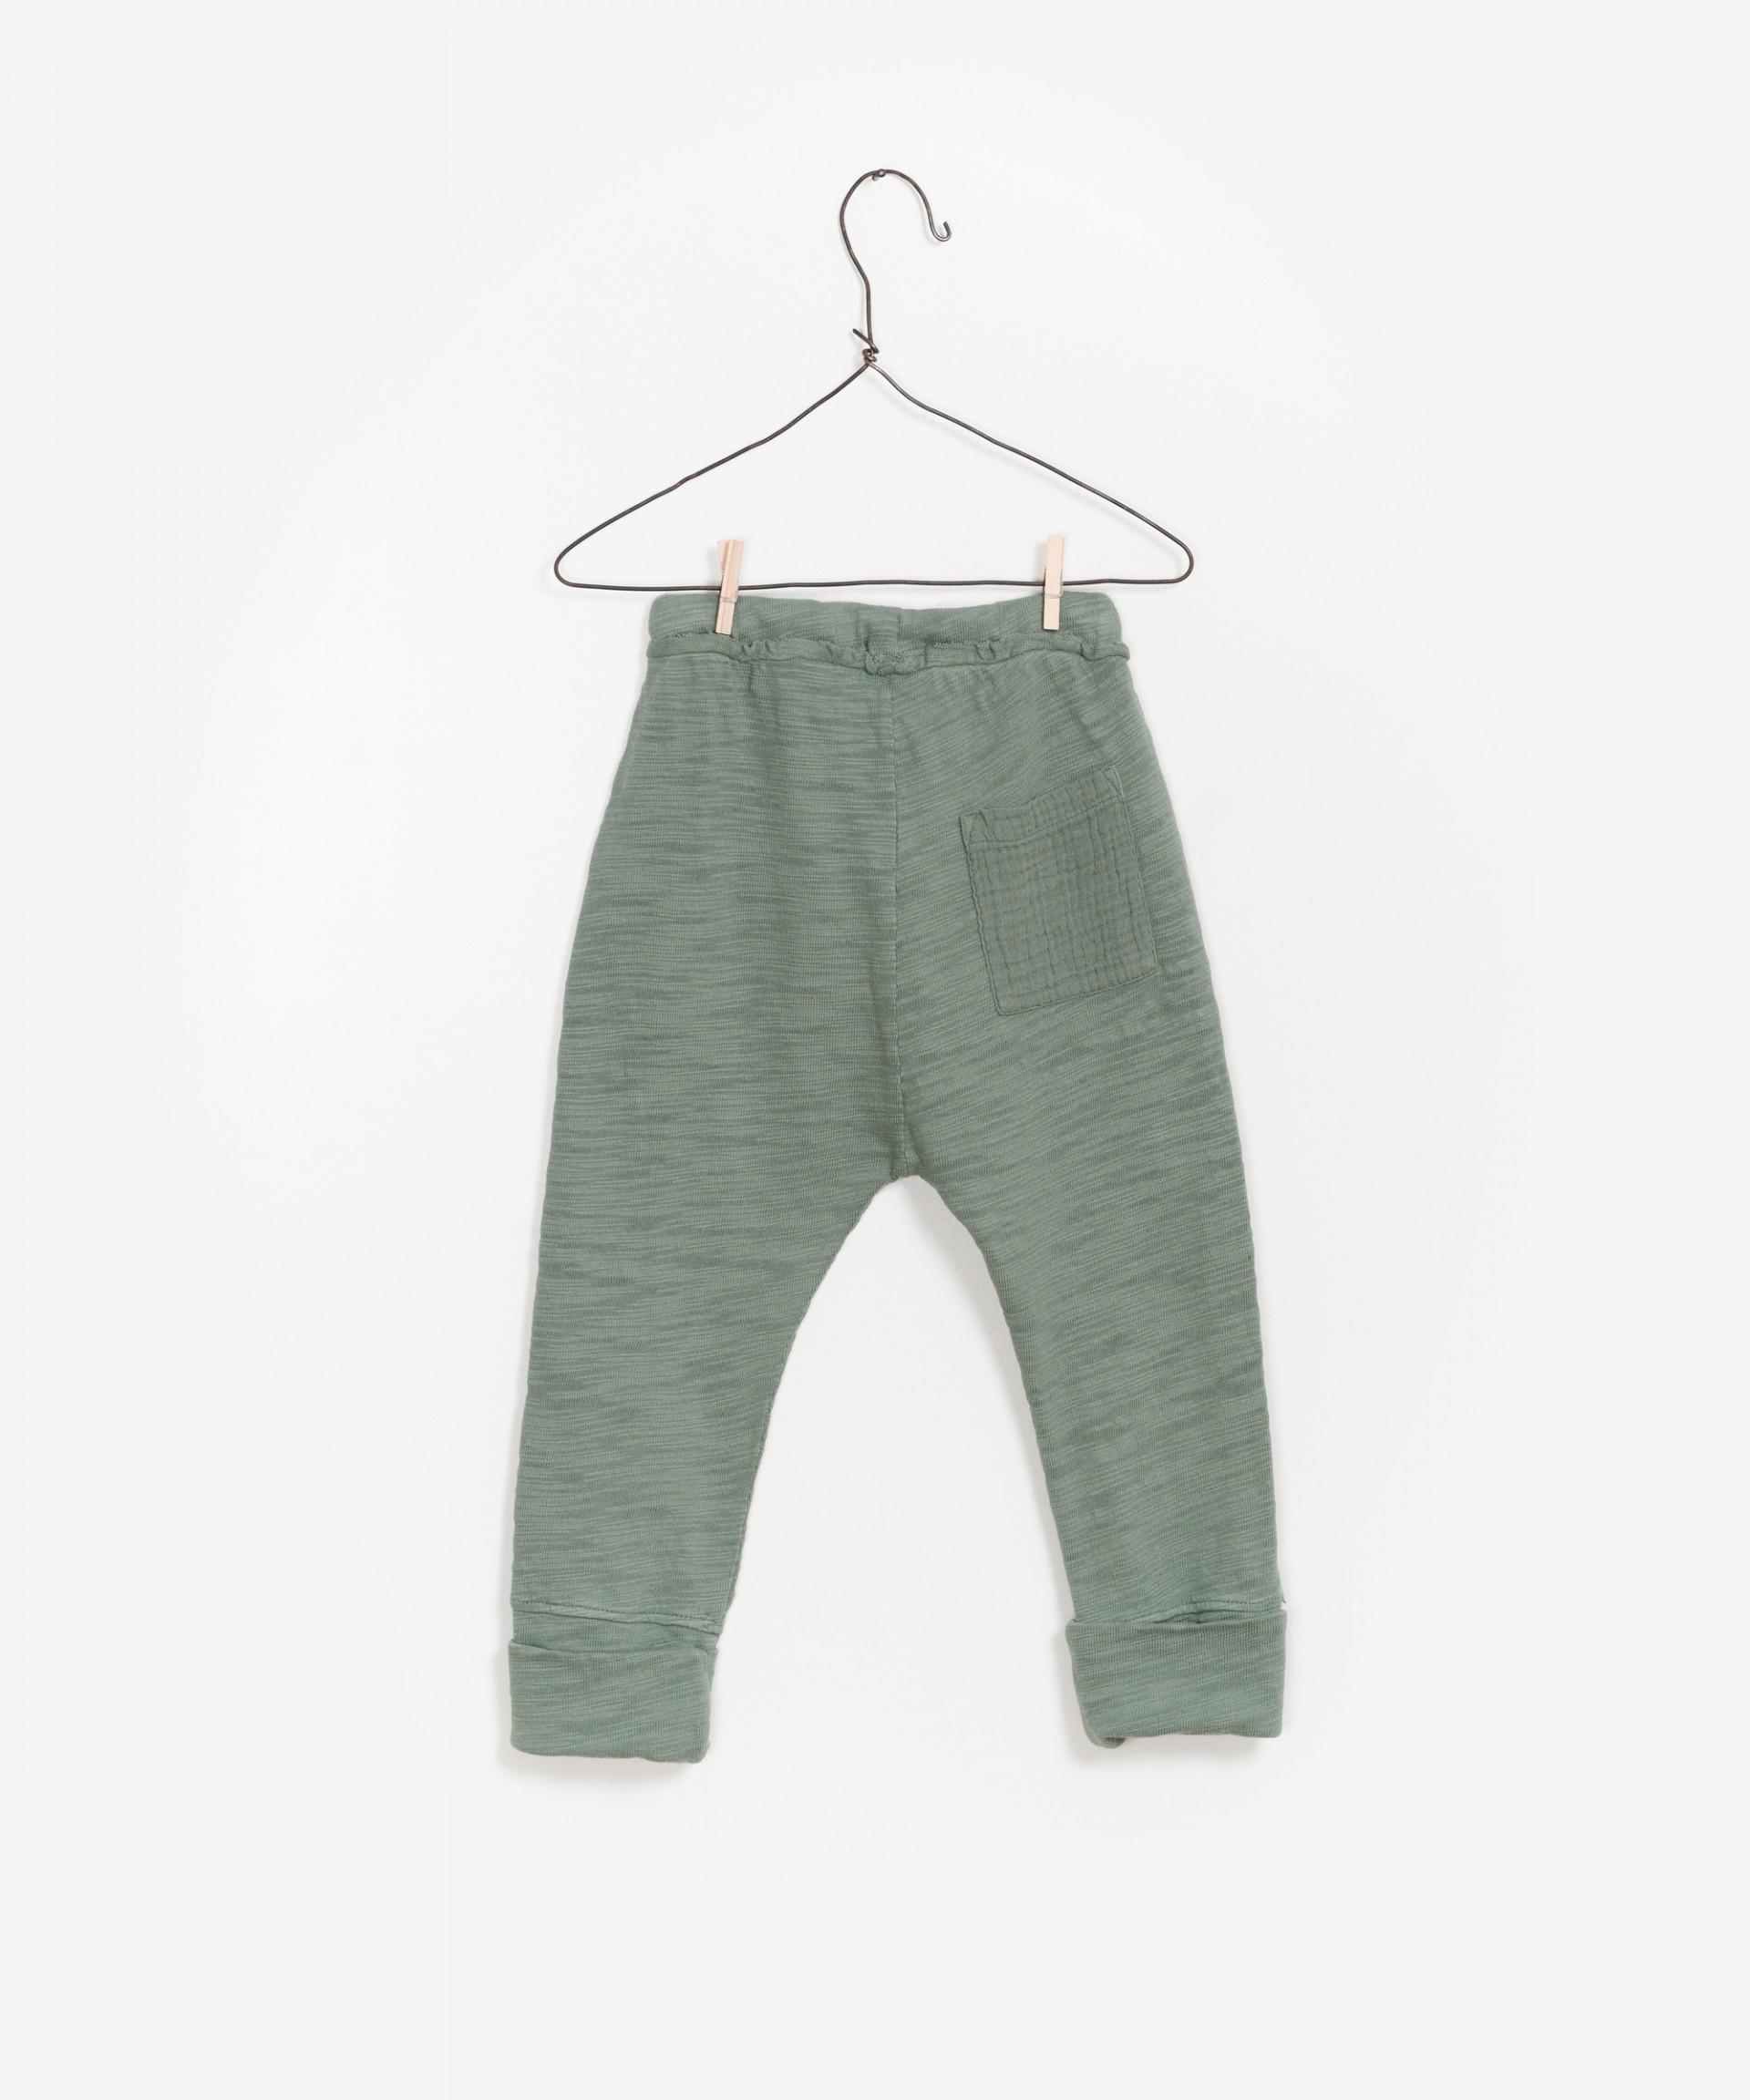 Calça Jersey Flamê 100% algodão